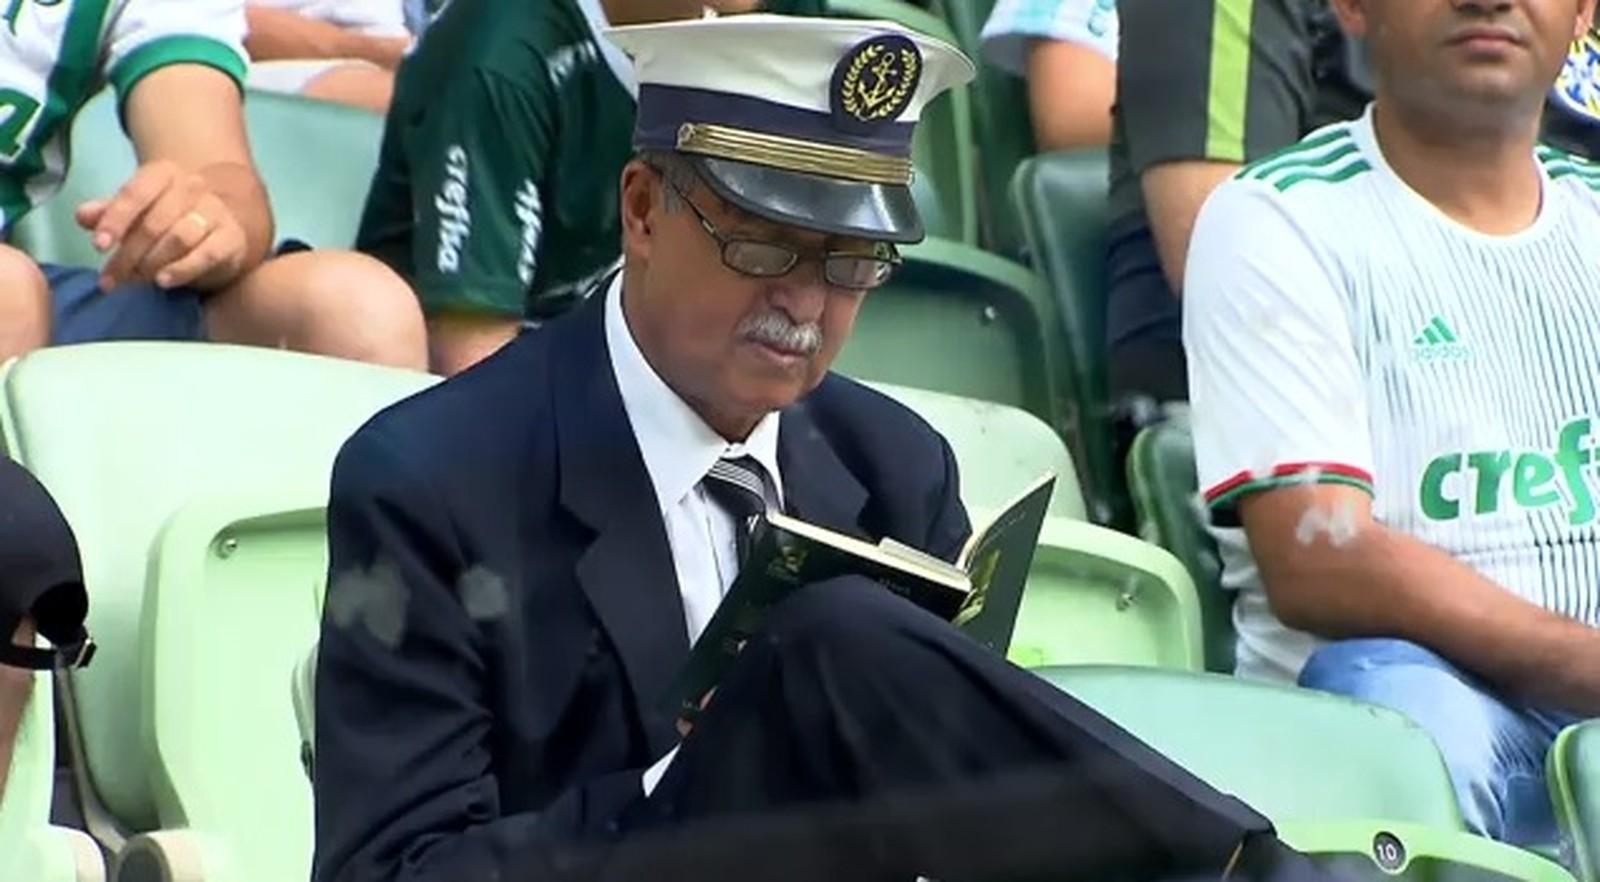 Idoso expulso do estádio do Palmeiras por ler livro durante jogo